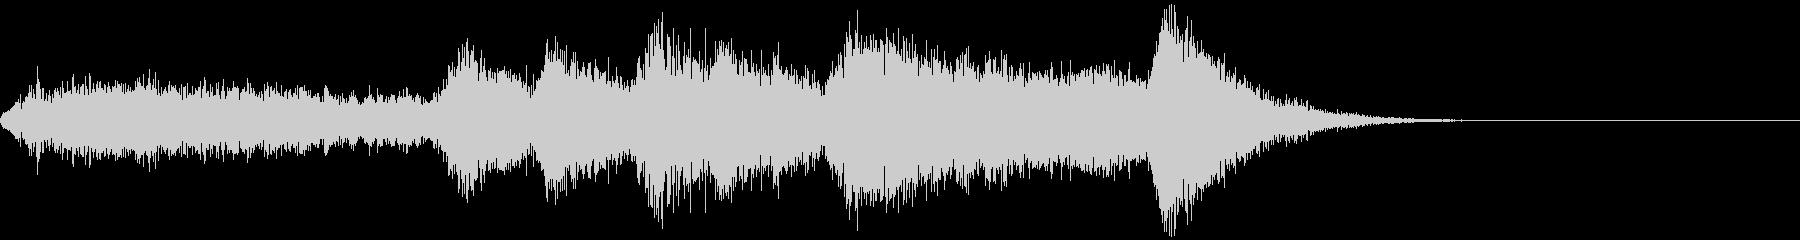 生音オーケストラの輝かしいファンファーレの未再生の波形